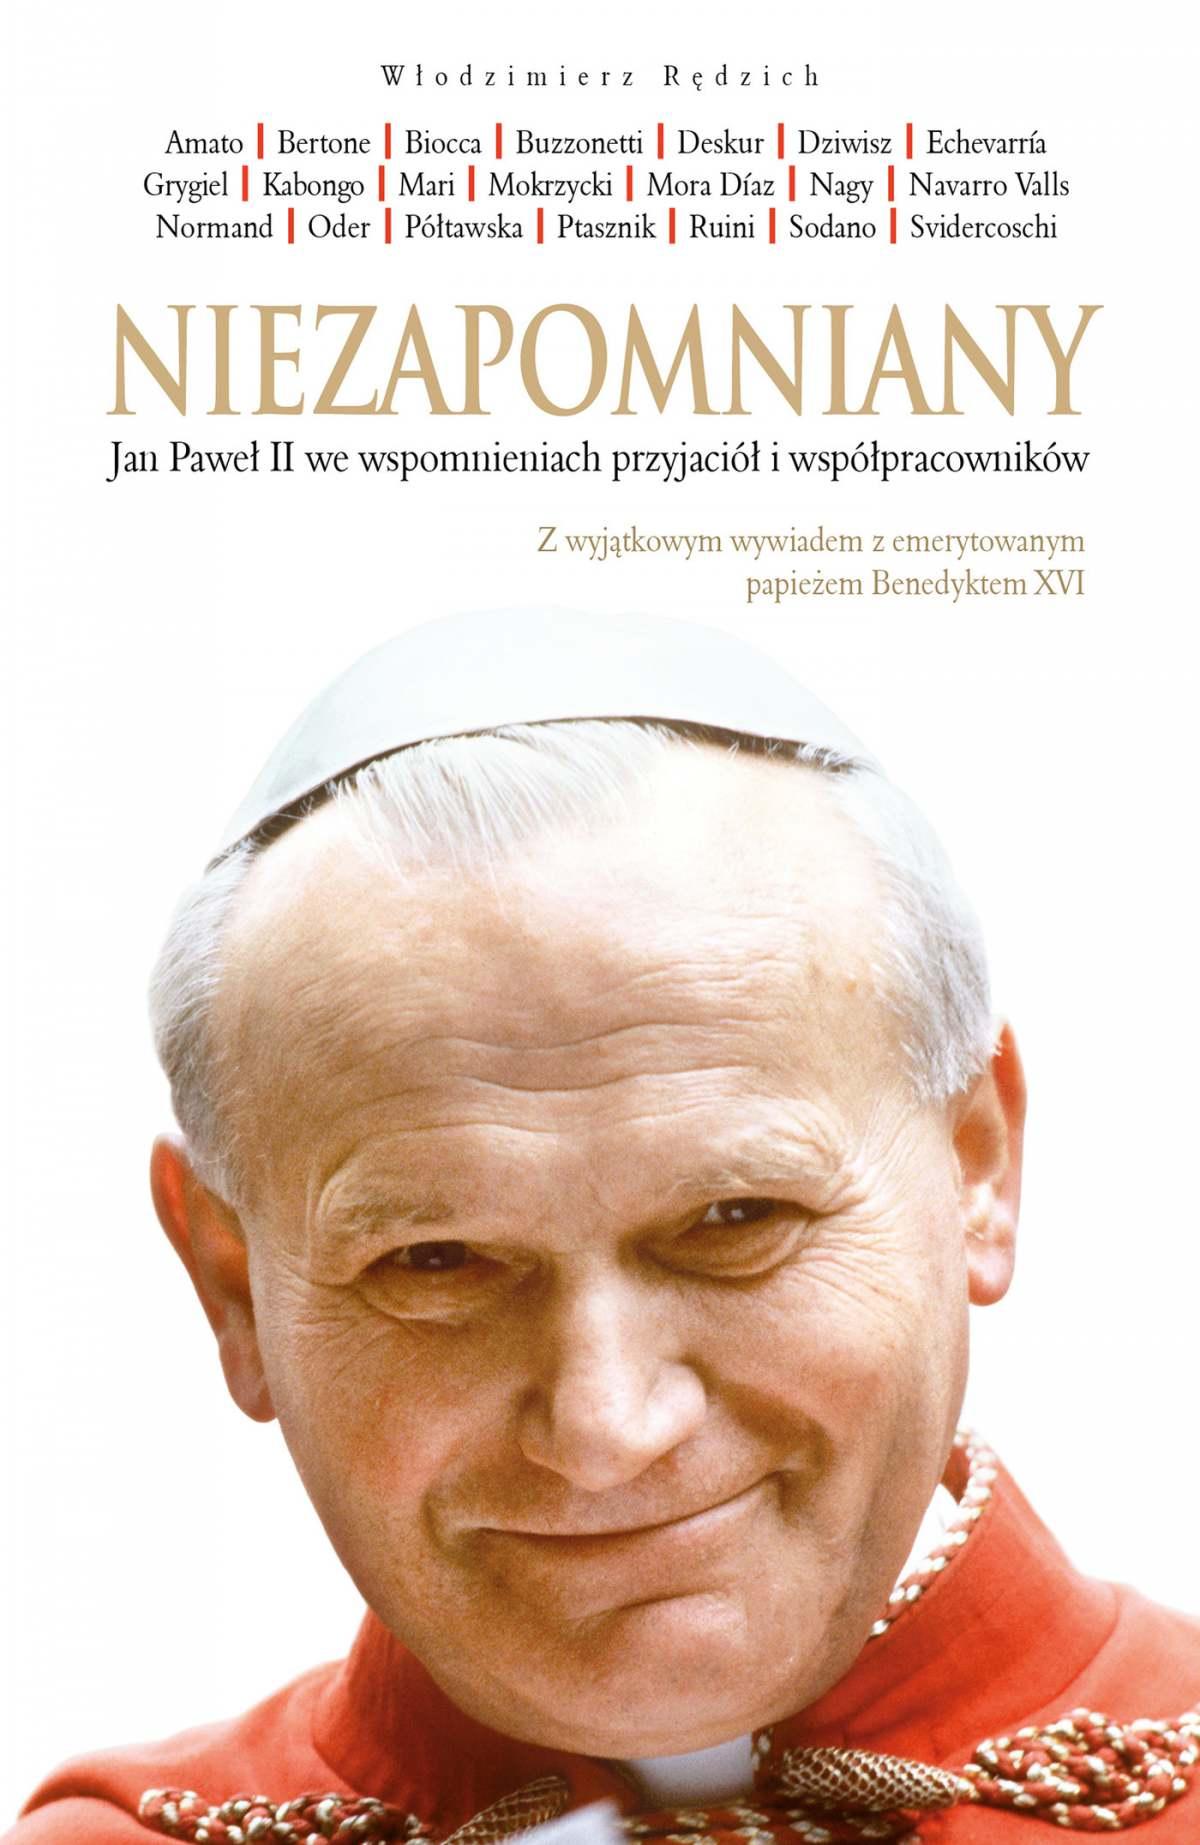 Niezapomniany. Jan Paweł II we wspomnieniach przyjaciół i współpracowników - Ebook (Książka EPUB) do pobrania w formacie EPUB